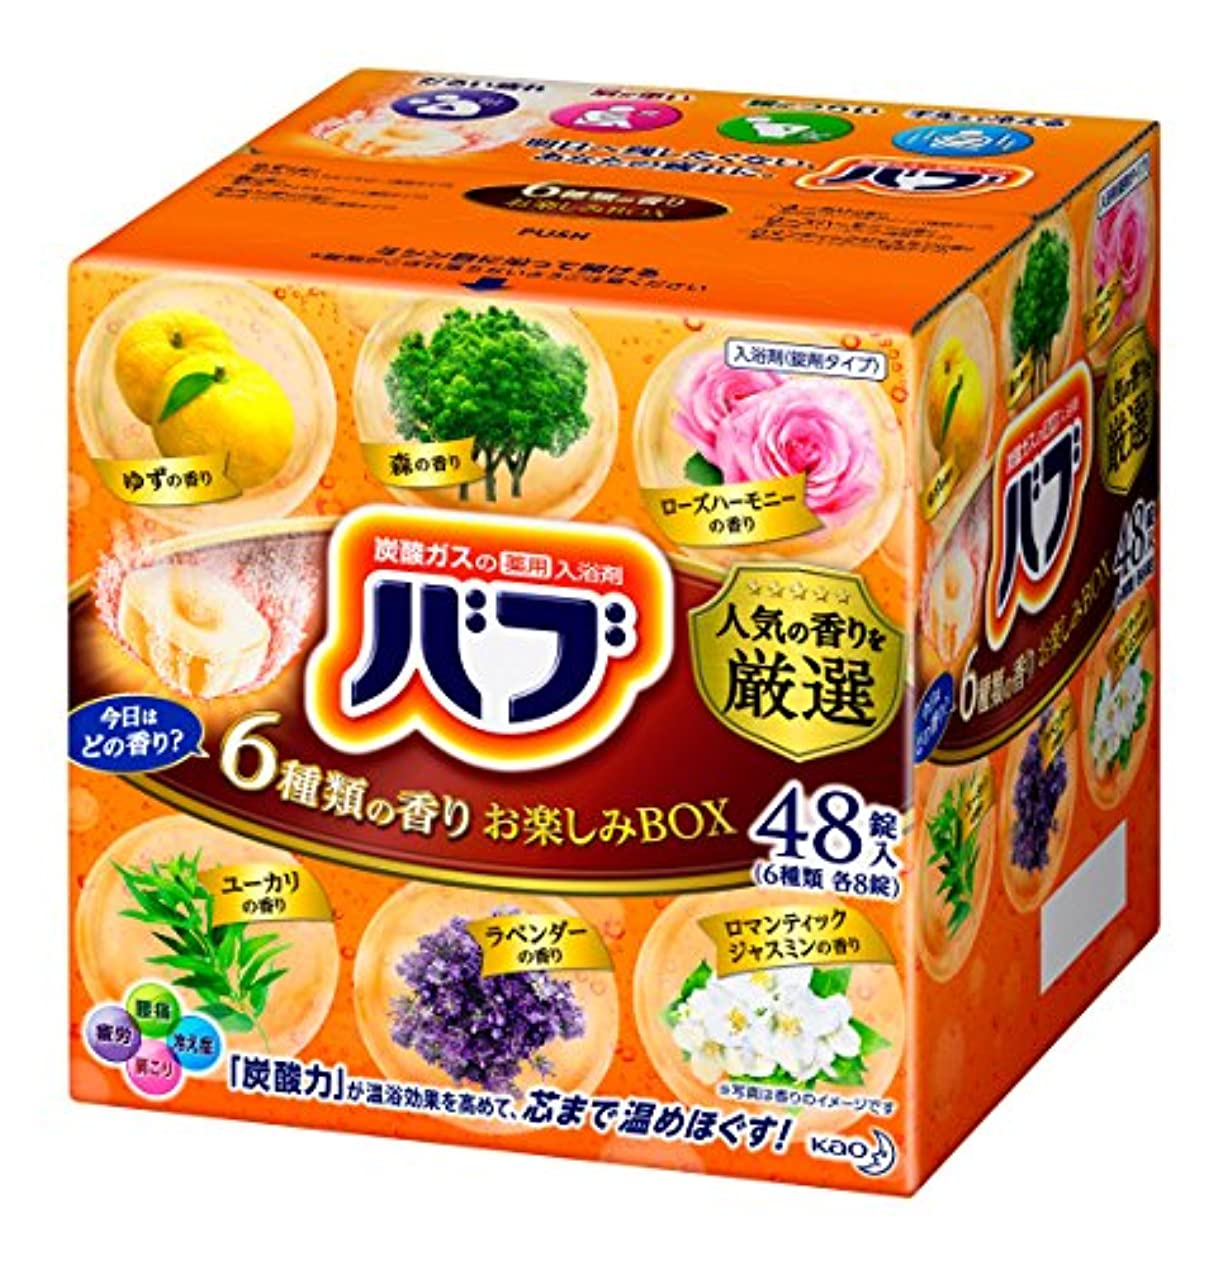 軸タクト卑しい【大容量】バブ 6つの香りお楽しみBOX 48錠